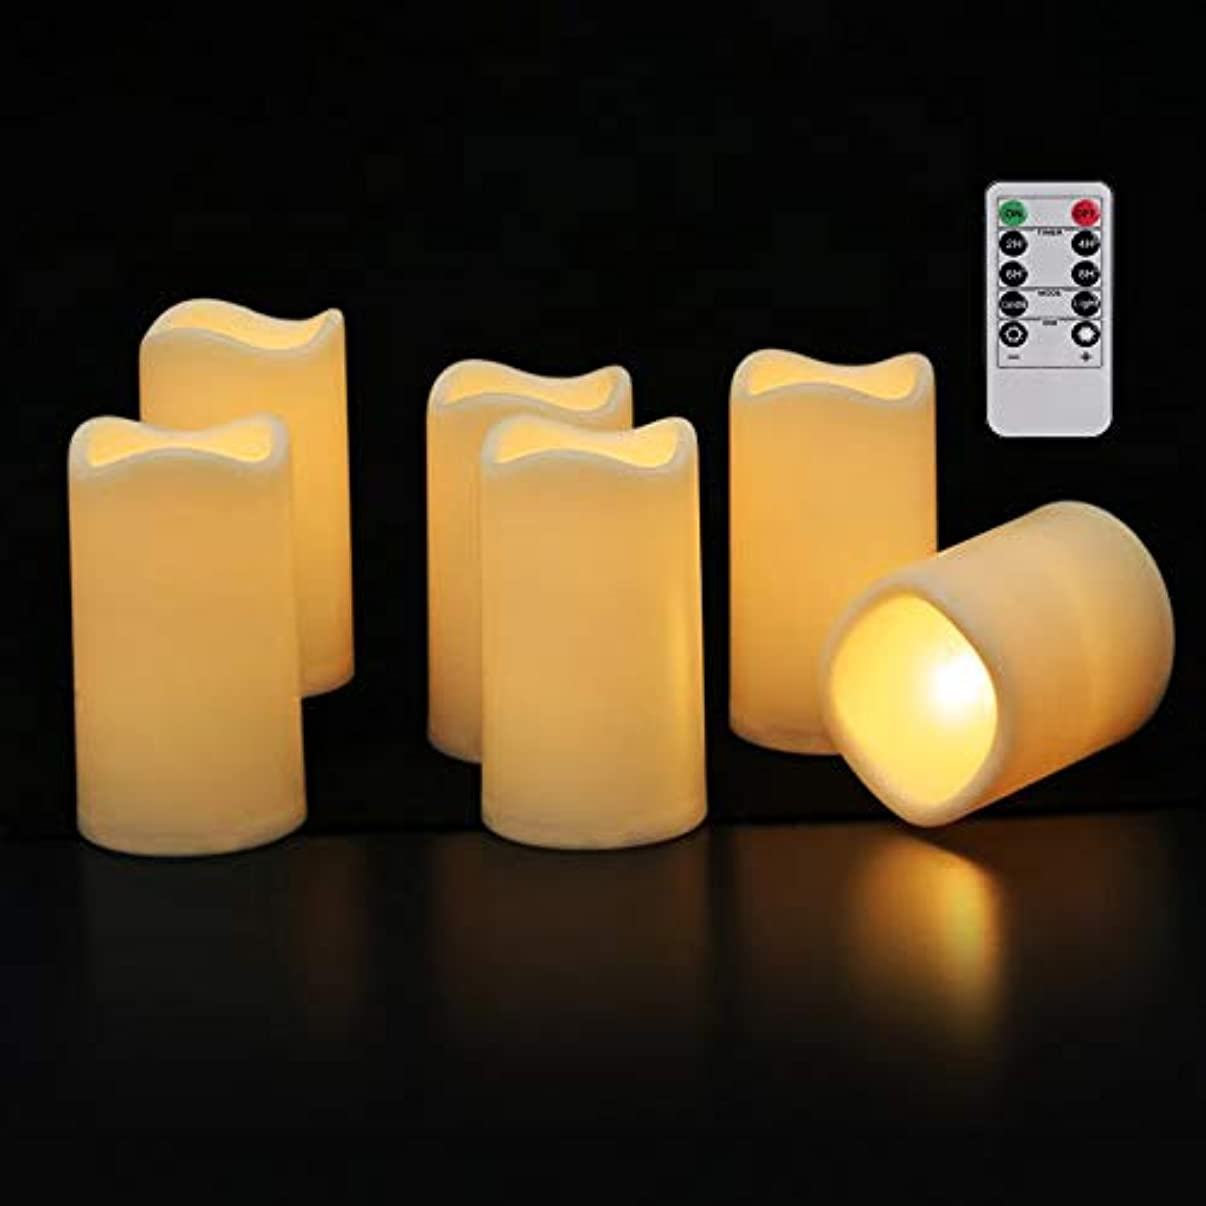 軸マウントクスコFlameless Candles h4.5 X d3 LEDキャンドルちらつきElectricキャンドル6hタイマー電池式パーティ用ウェディングデコレーション6パックアイボリーby mingfuxion